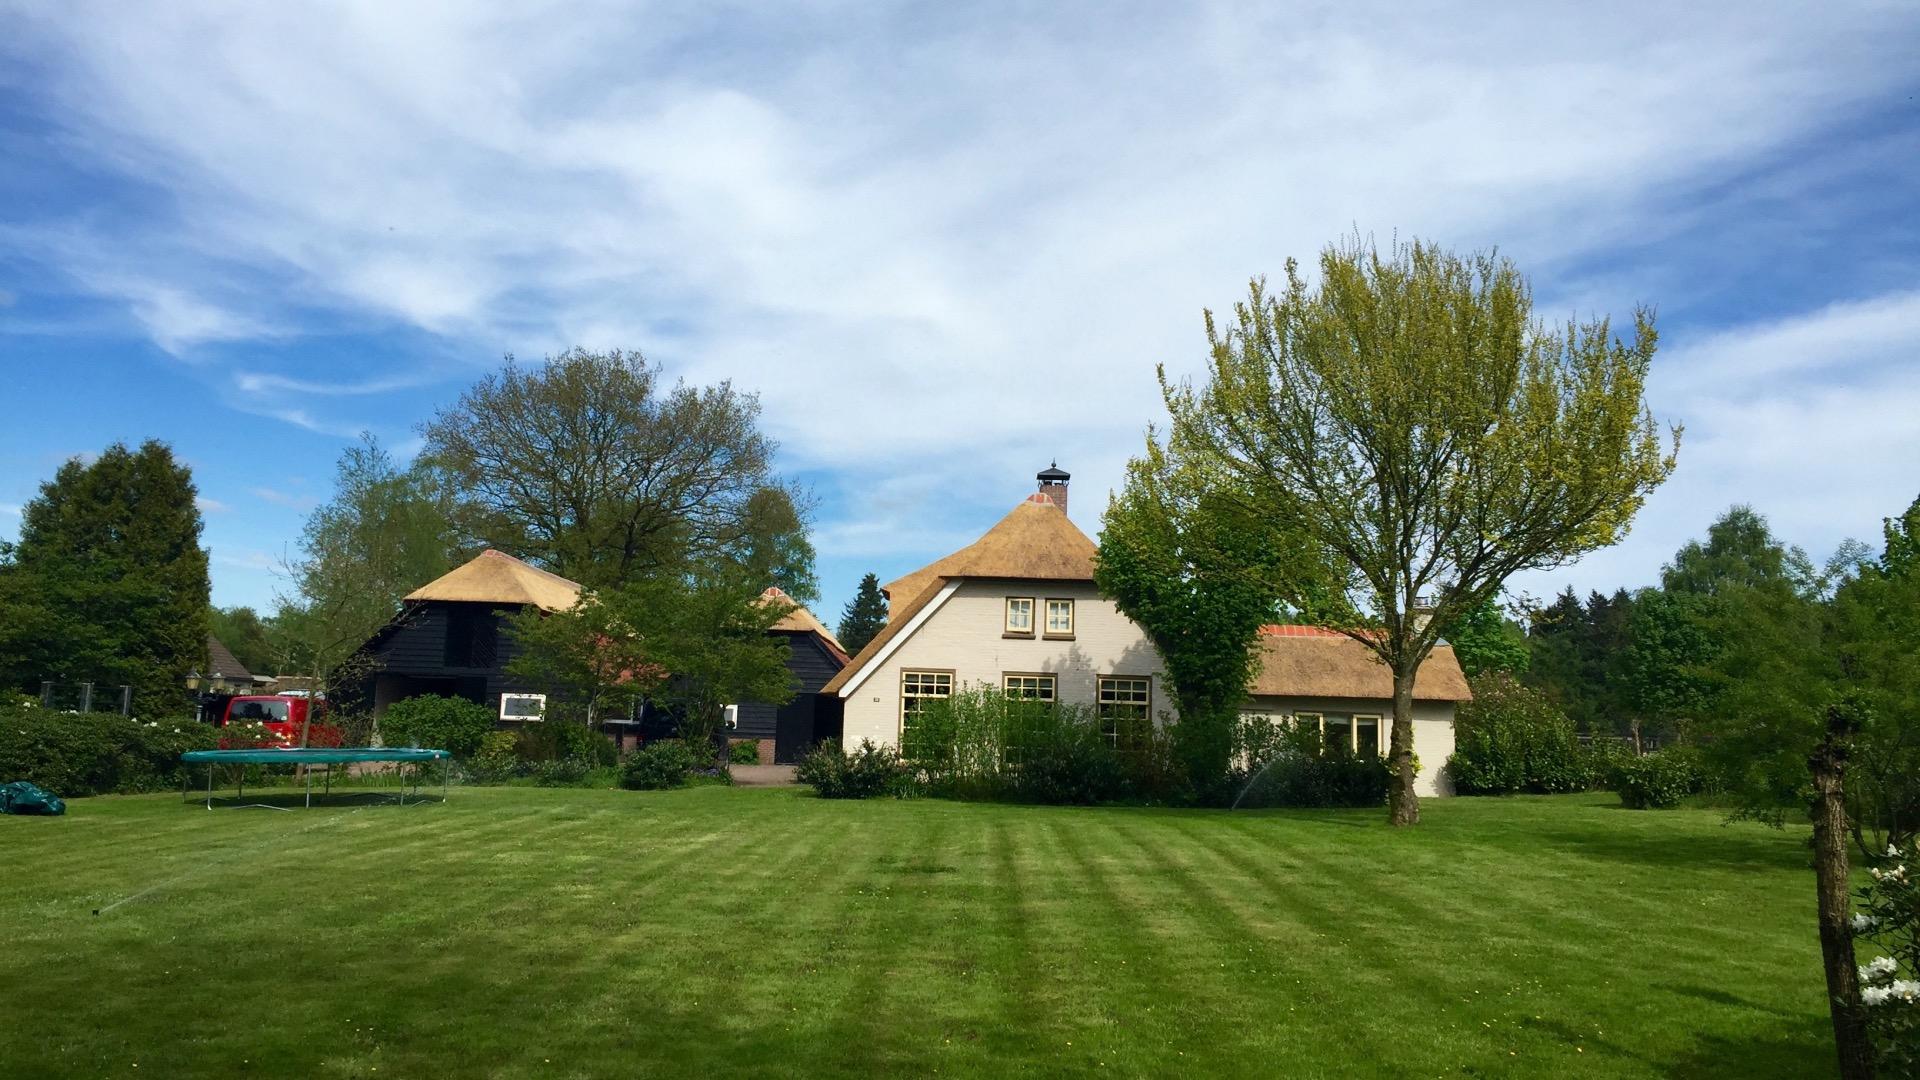 Huisje te huur idyllisch vakantiehuisje for Huisje te koop